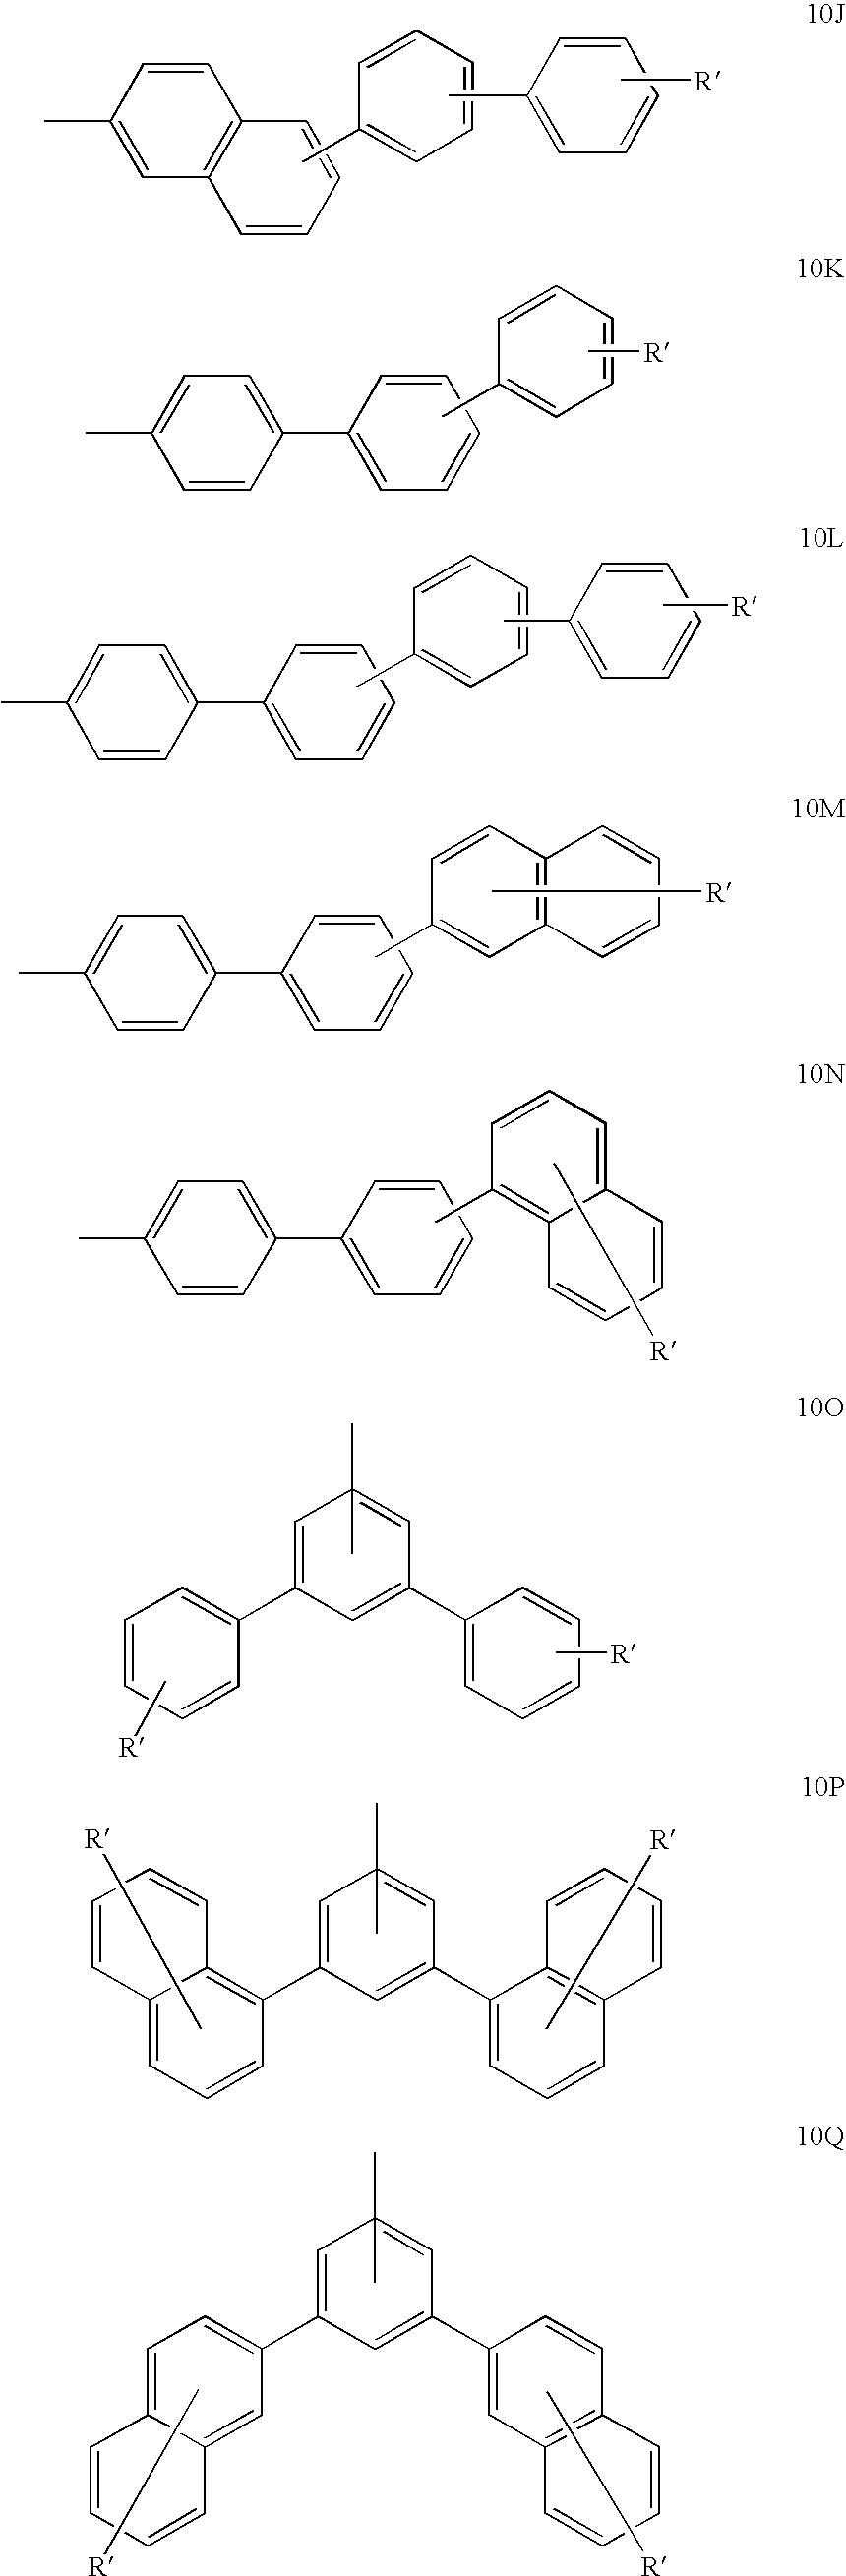 Figure US07875367-20110125-C00012